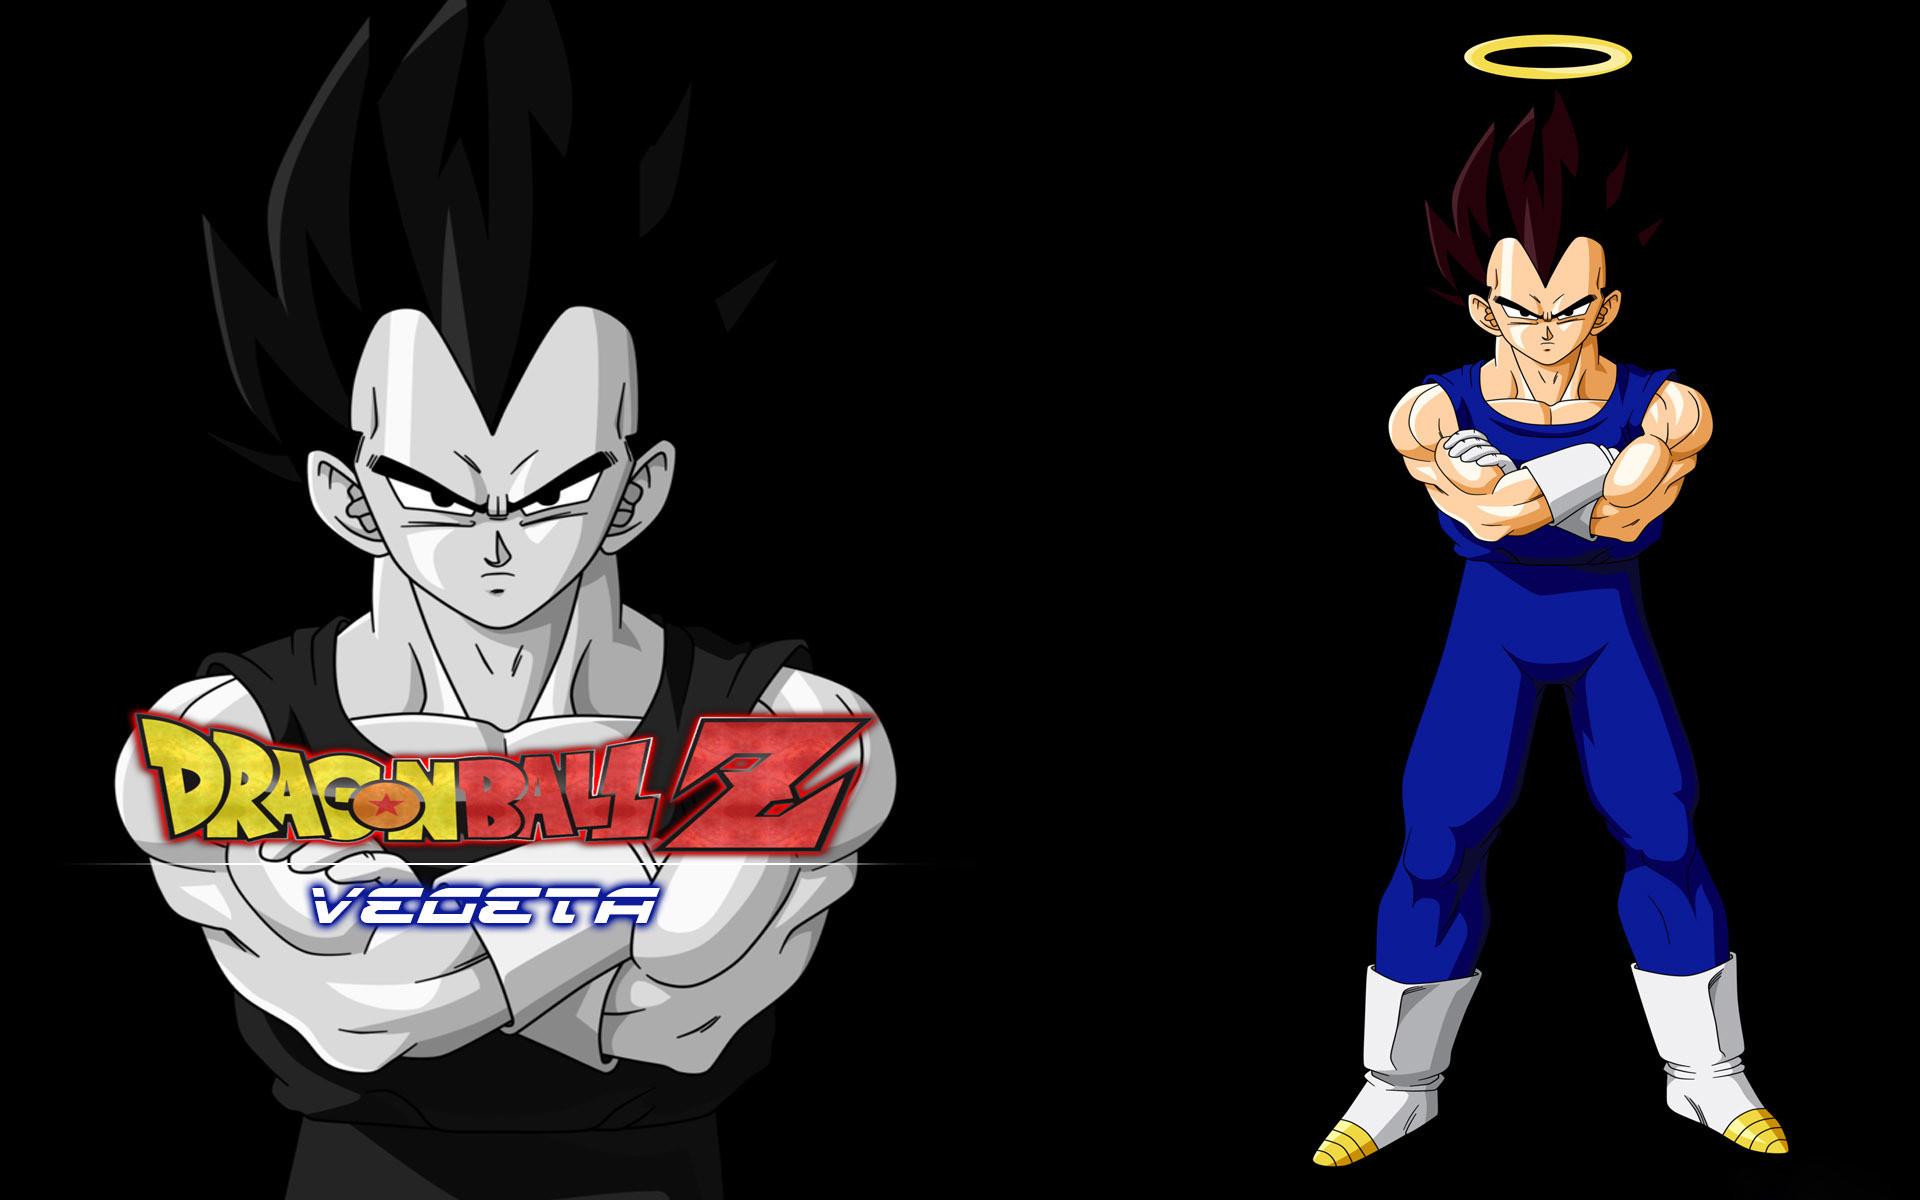 … Vegeta – Dragon Ball Z